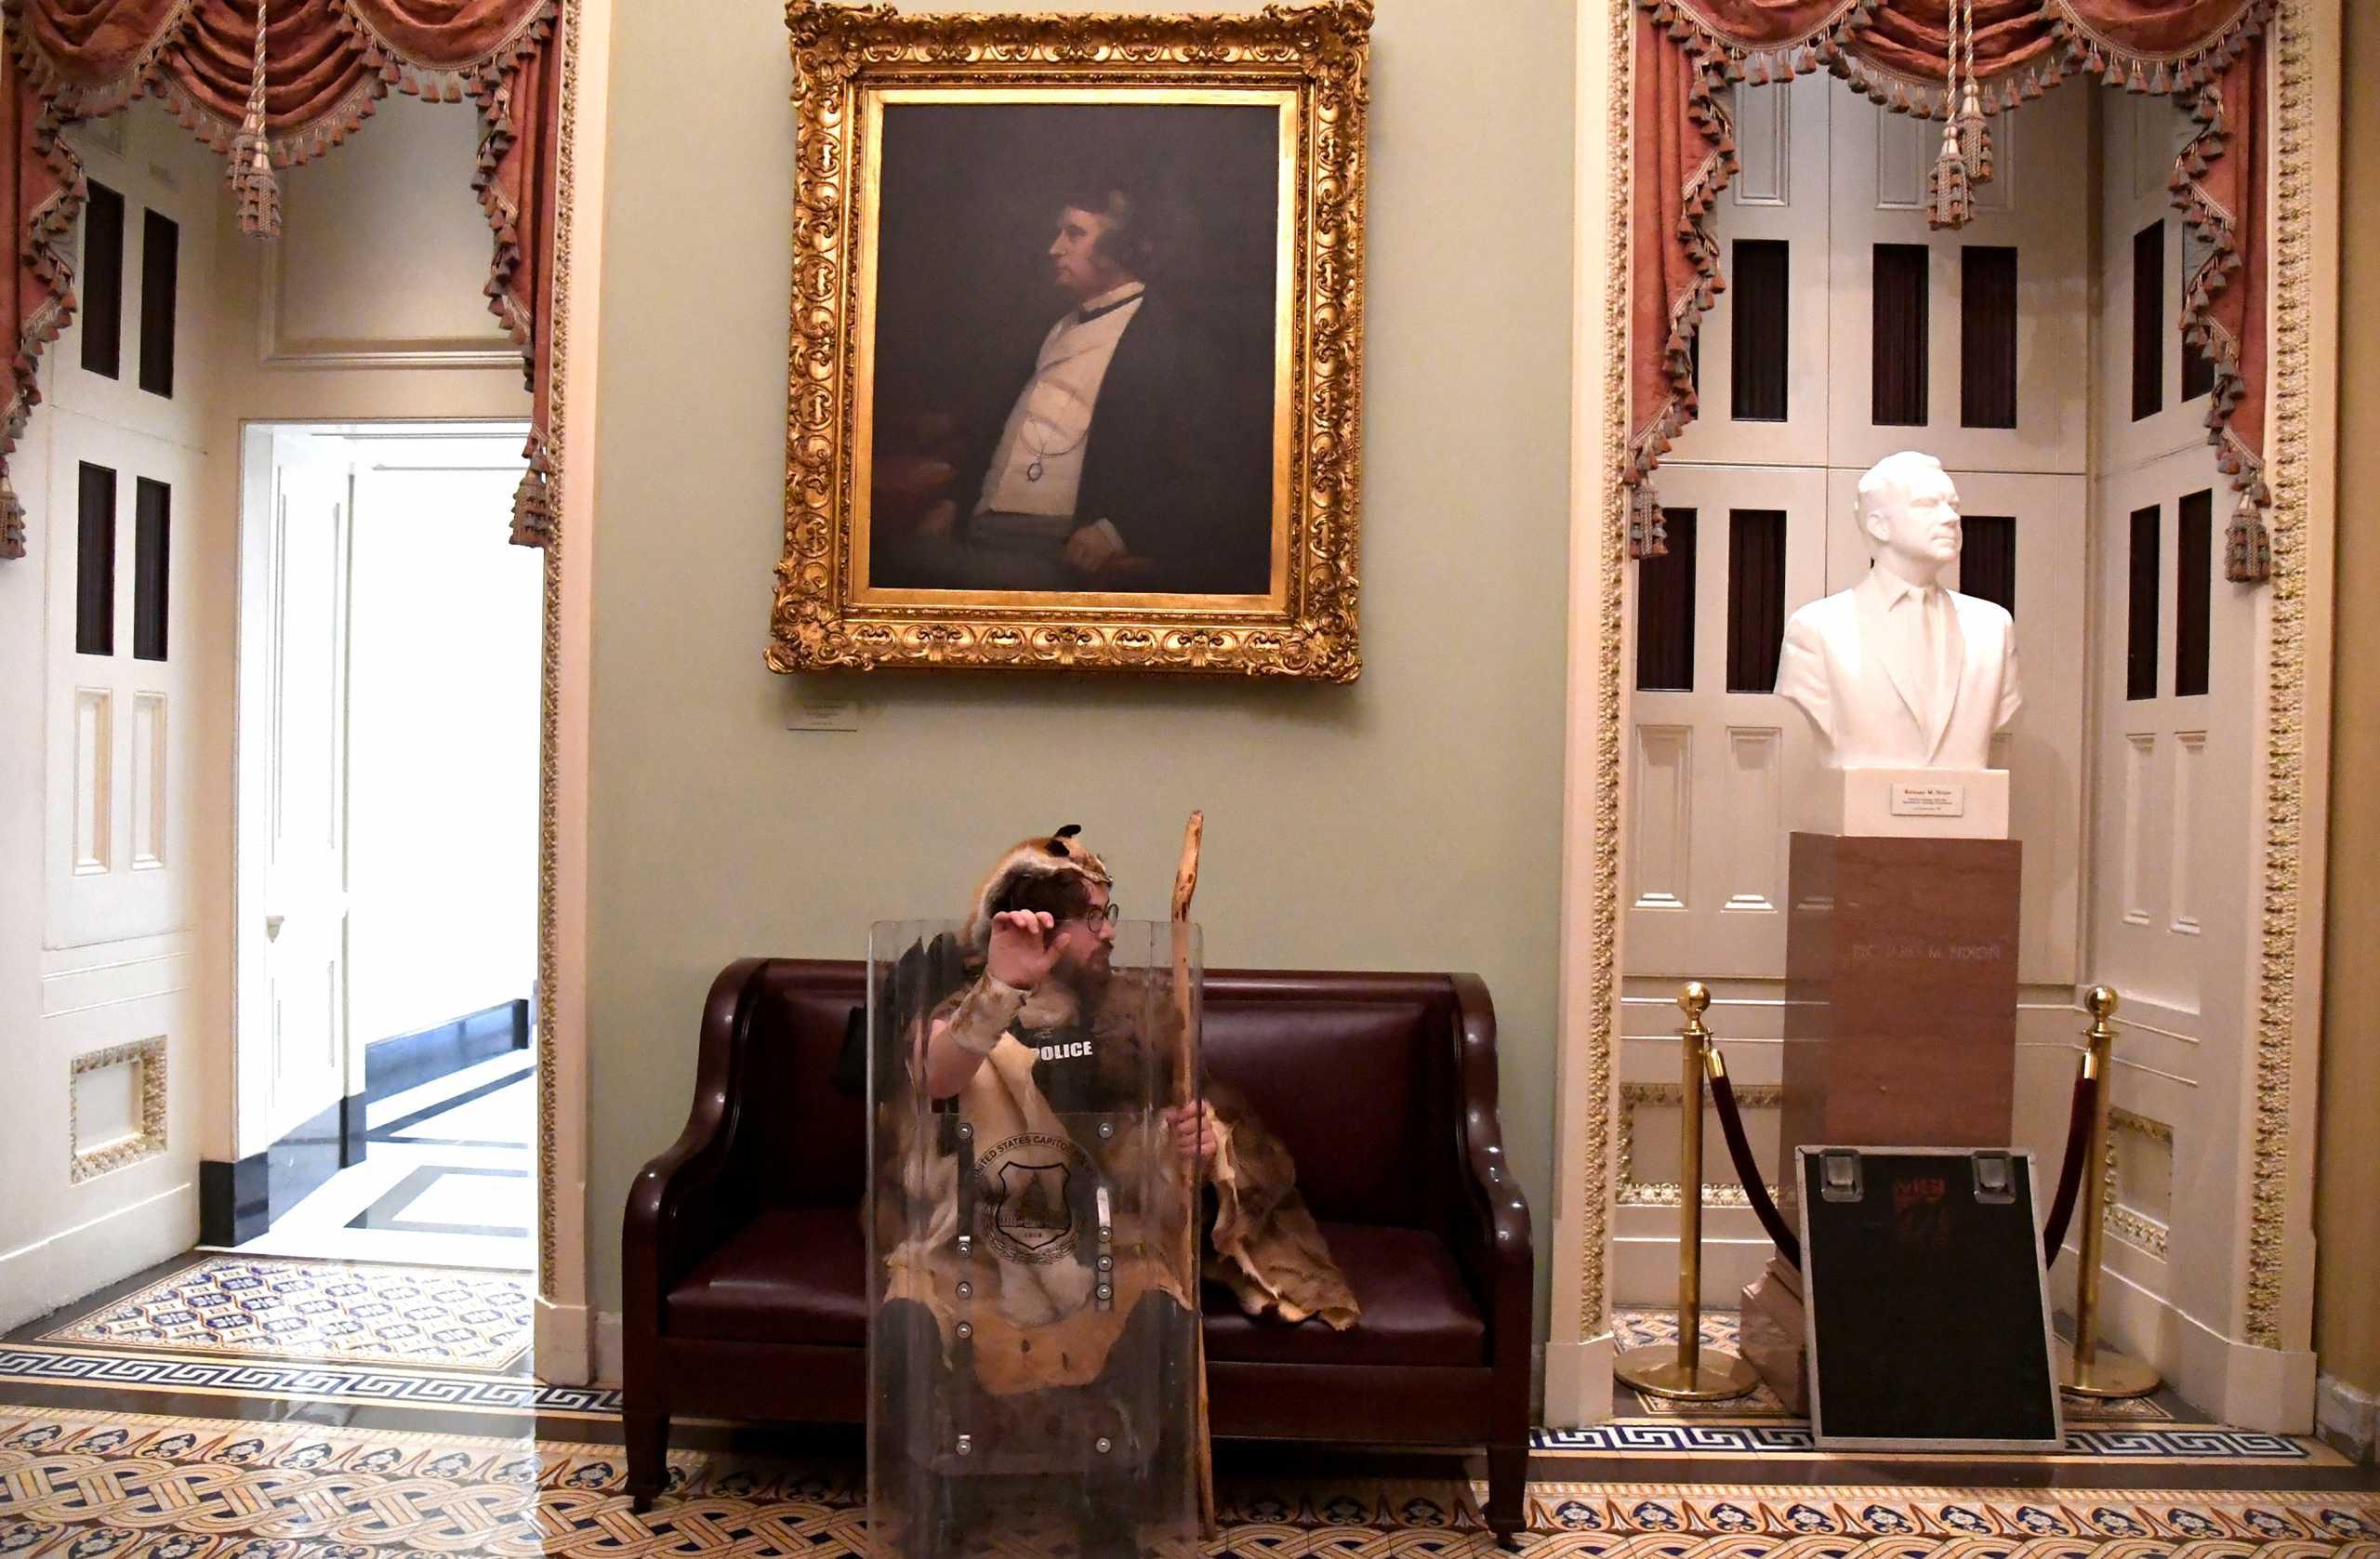 Καπιτώλιο: Ποιος είναι ο οπαδός του Τραμπ που έμοιαζε με τον Μπλεκ